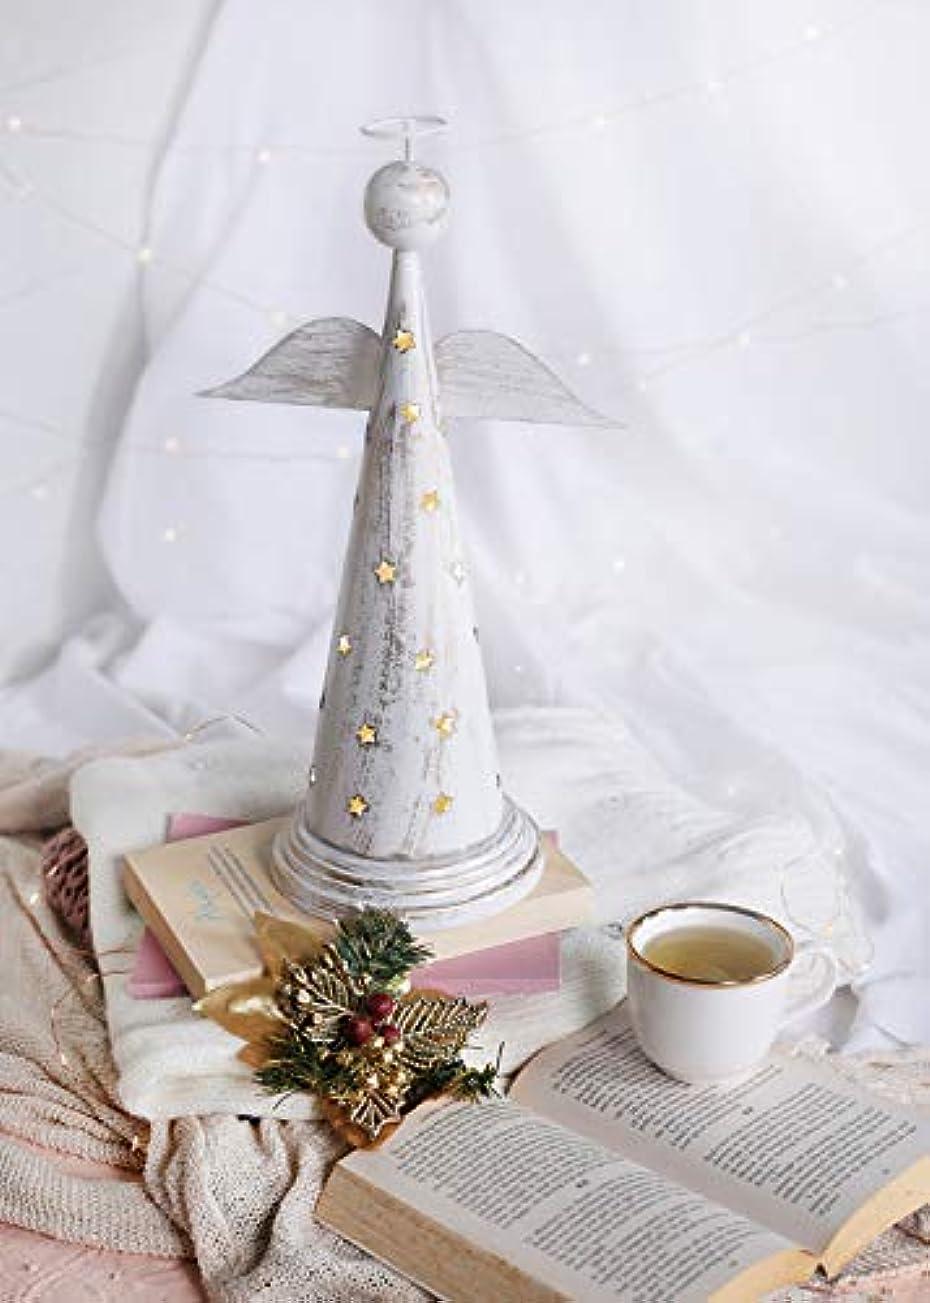 爪何よりも征服者storeindya 感謝祭ギフト 天使の形をした金属製お香塔 クリスマス ホームデコレーション アクセサリーオーナメント 新築祝いのギフトに最適